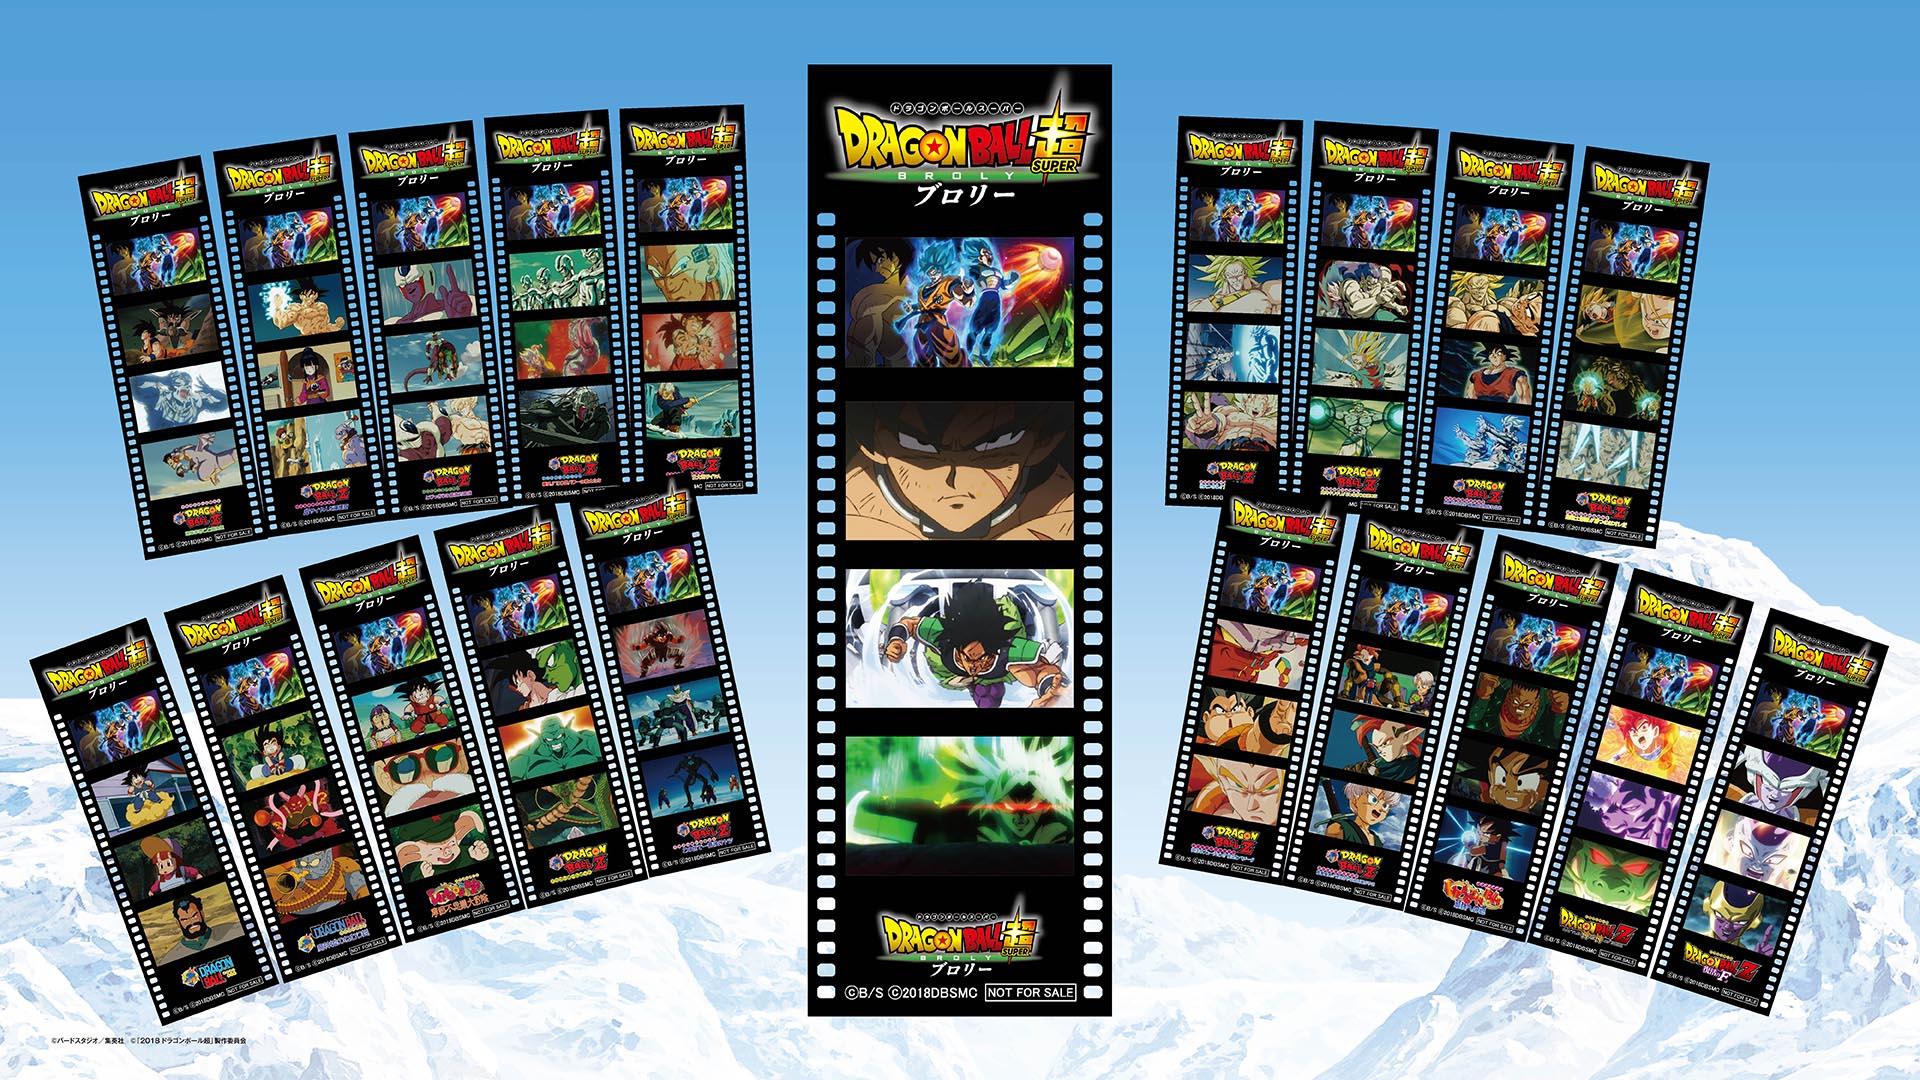 来場者特典情報一覧 舞鶴八千代館 3スクリーンで話題の映画を上映